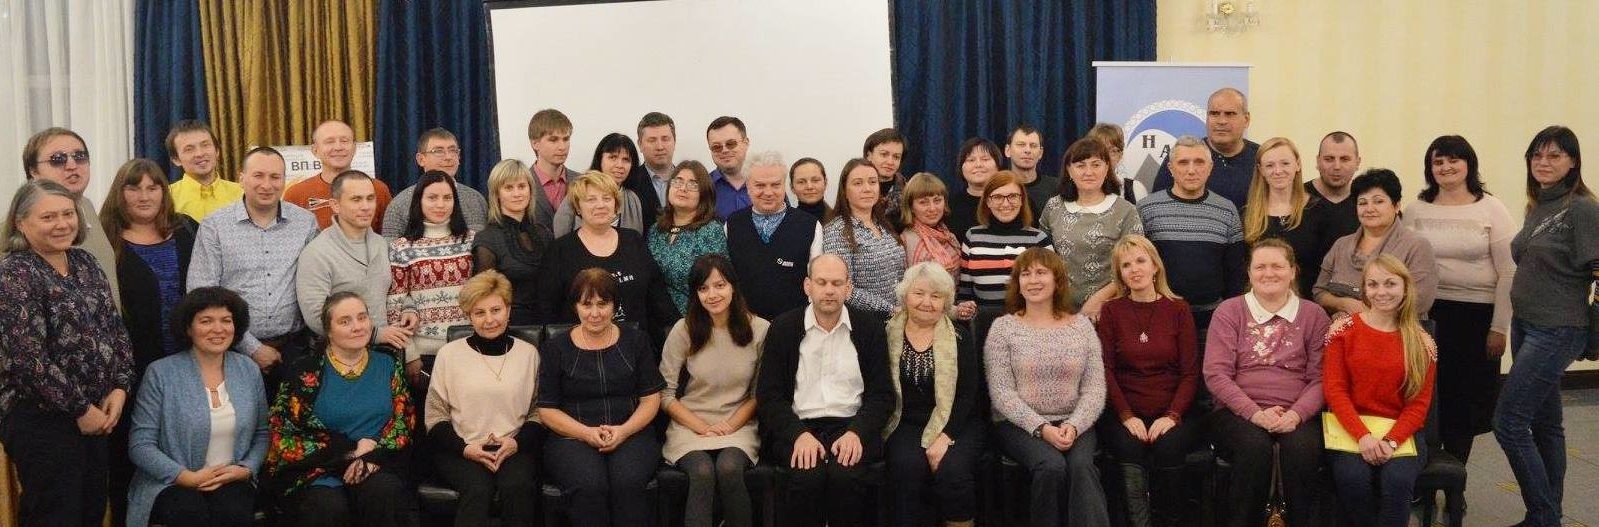 Unser Gruppenfoto zeigt die große Zahl der Teilnehmenden an der Konferenz über Druckstandards in Kiew.